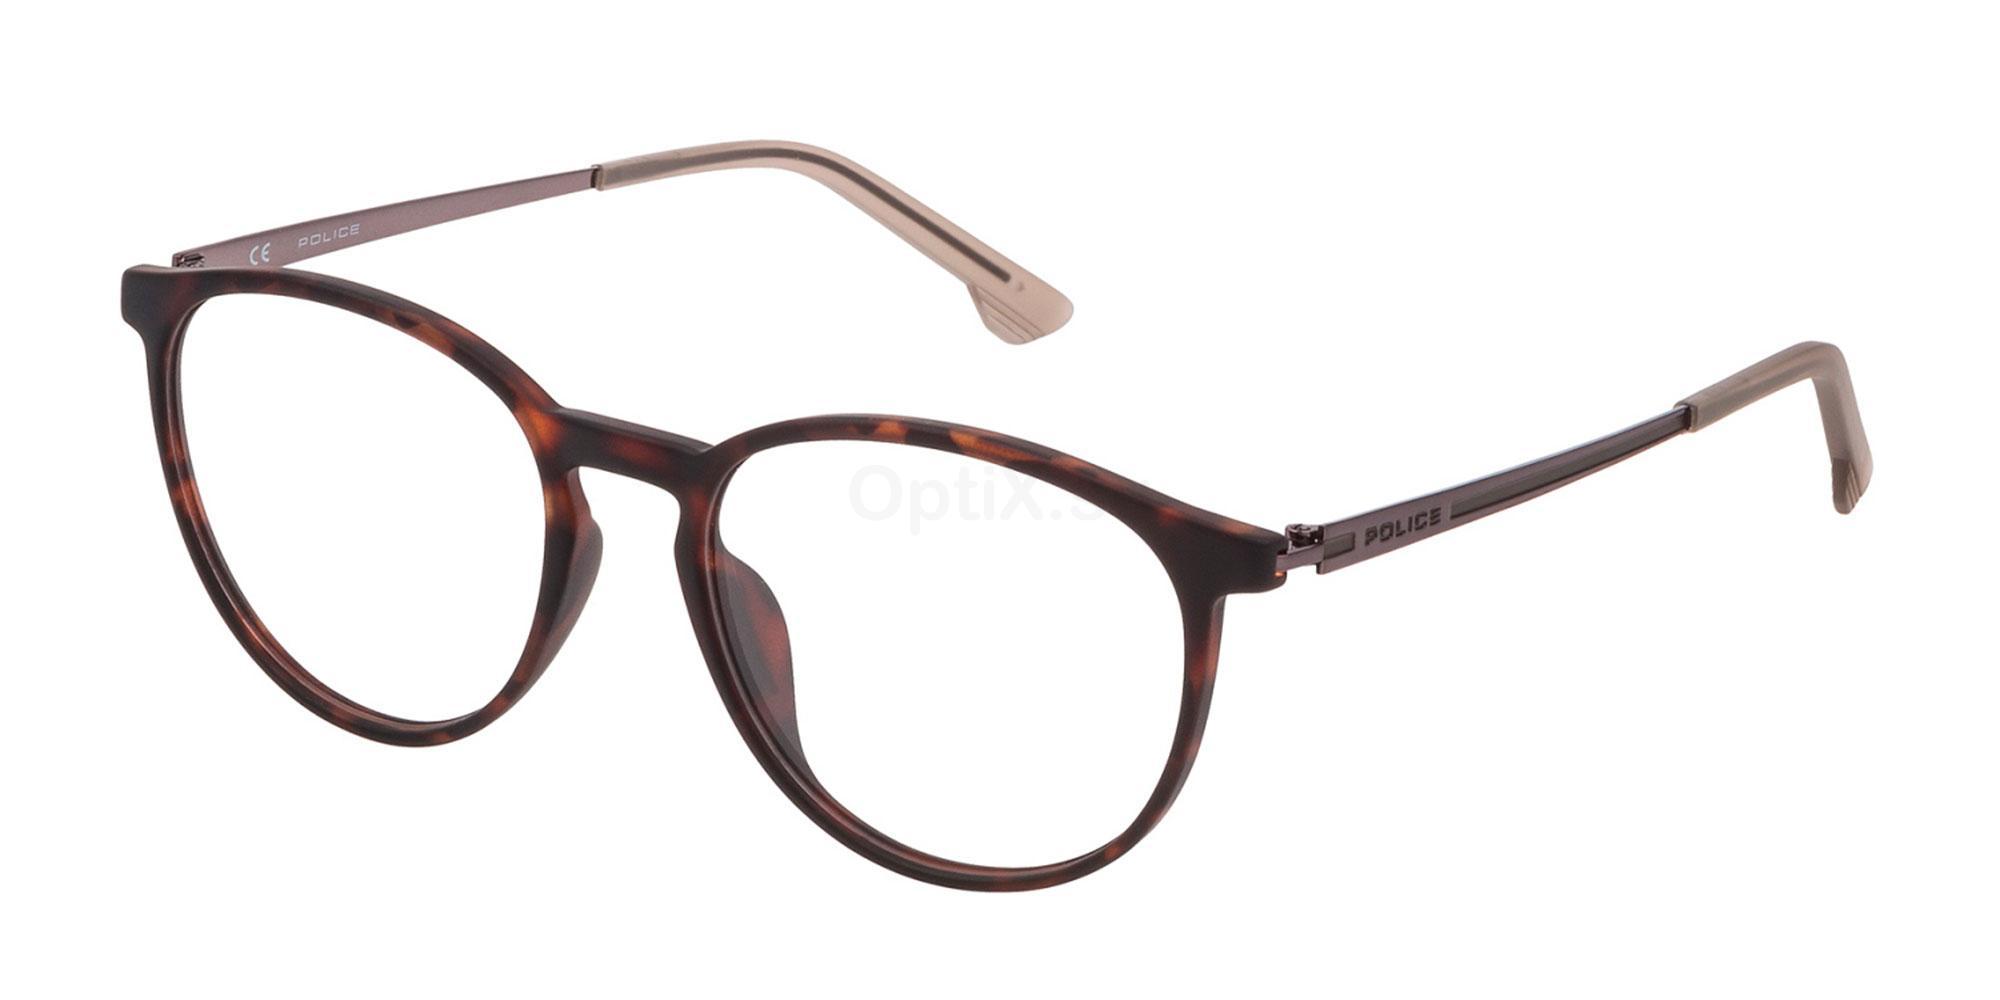 0878 VPL800 Glasses, Police